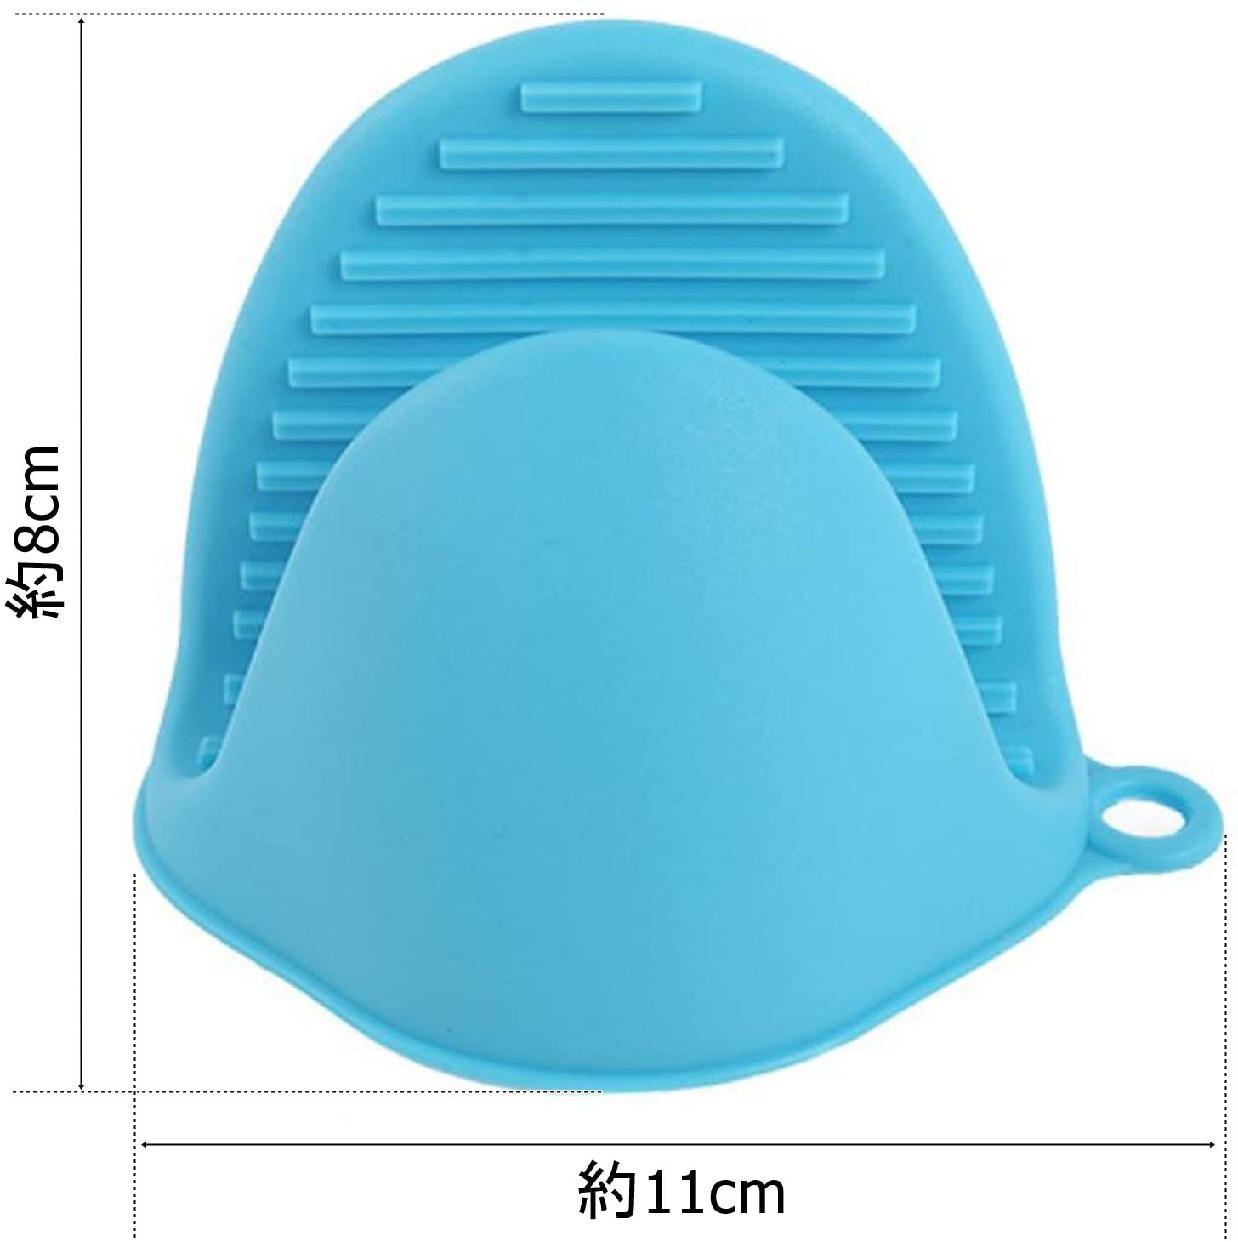 Fumemo(フメモ) 鍋つかみ 水色 2個セットの商品画像3